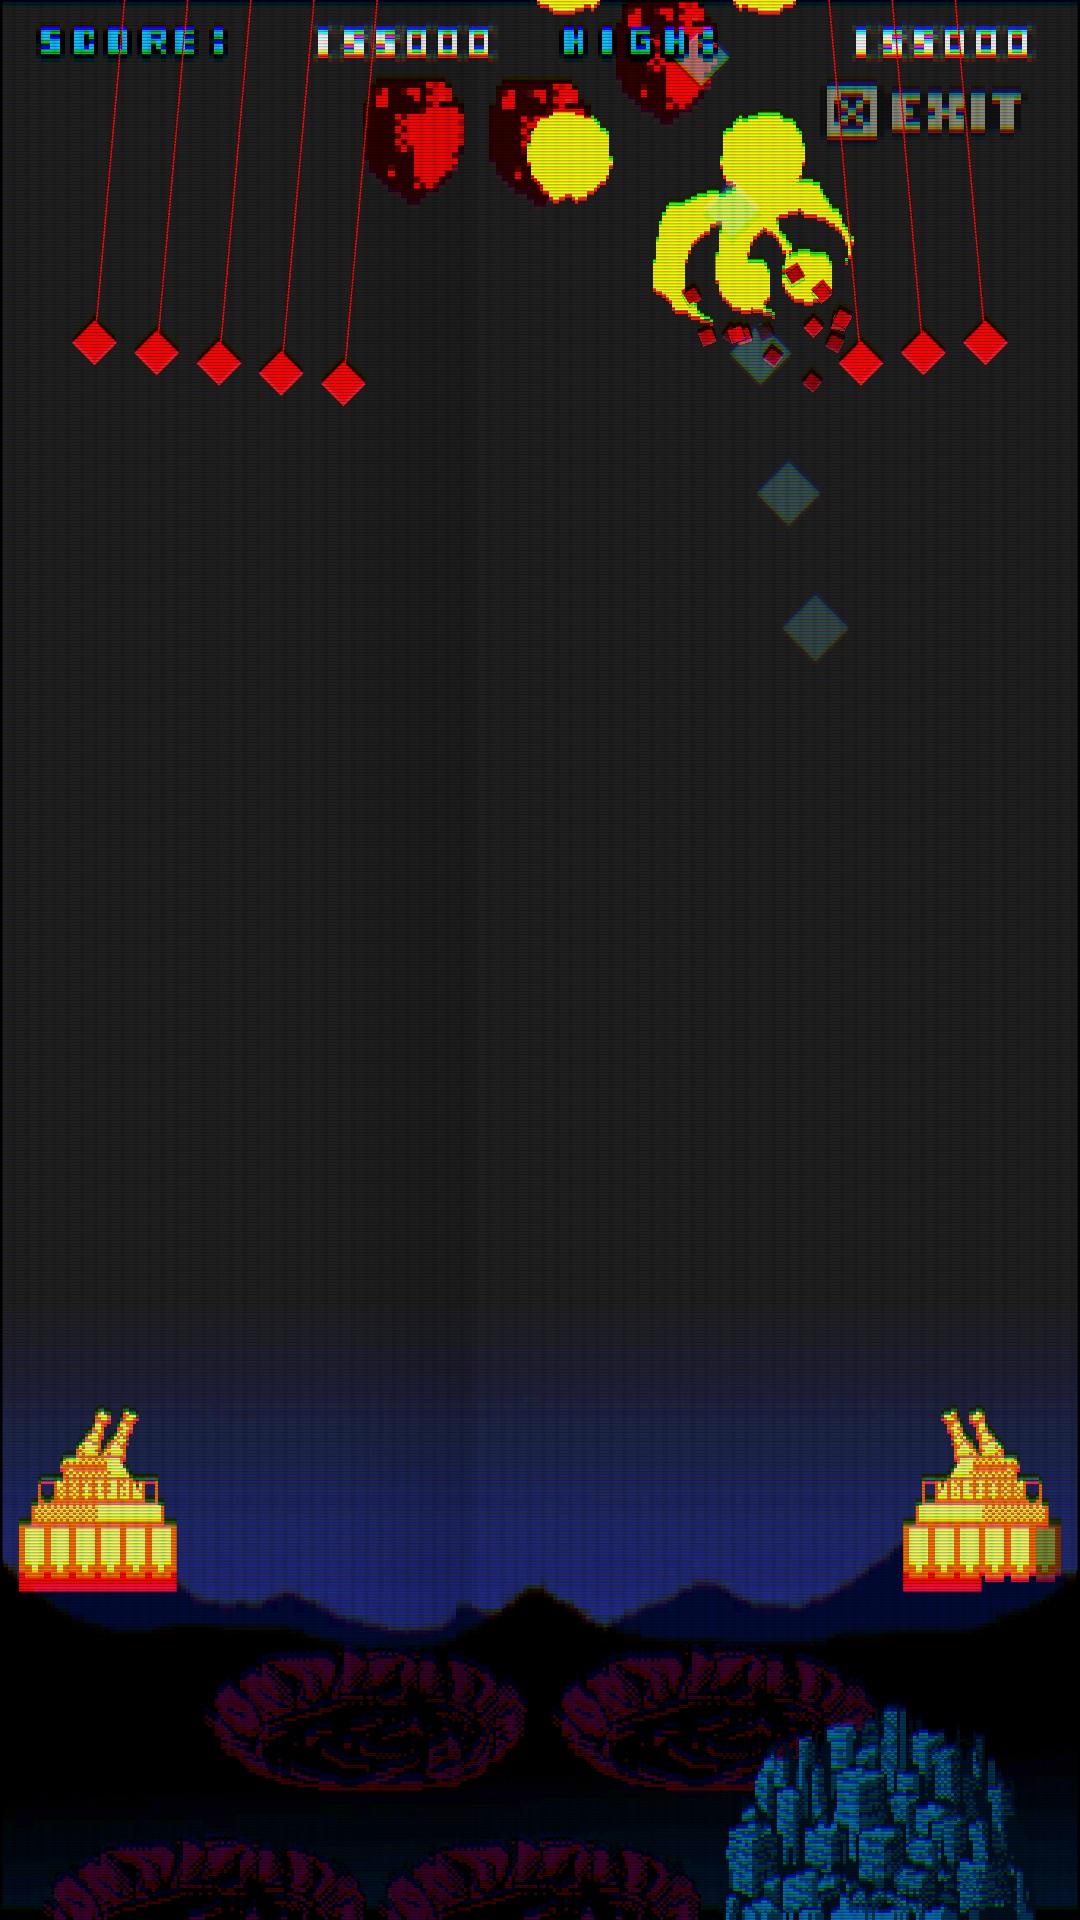 「City Defender」-プレイ画面.jpg